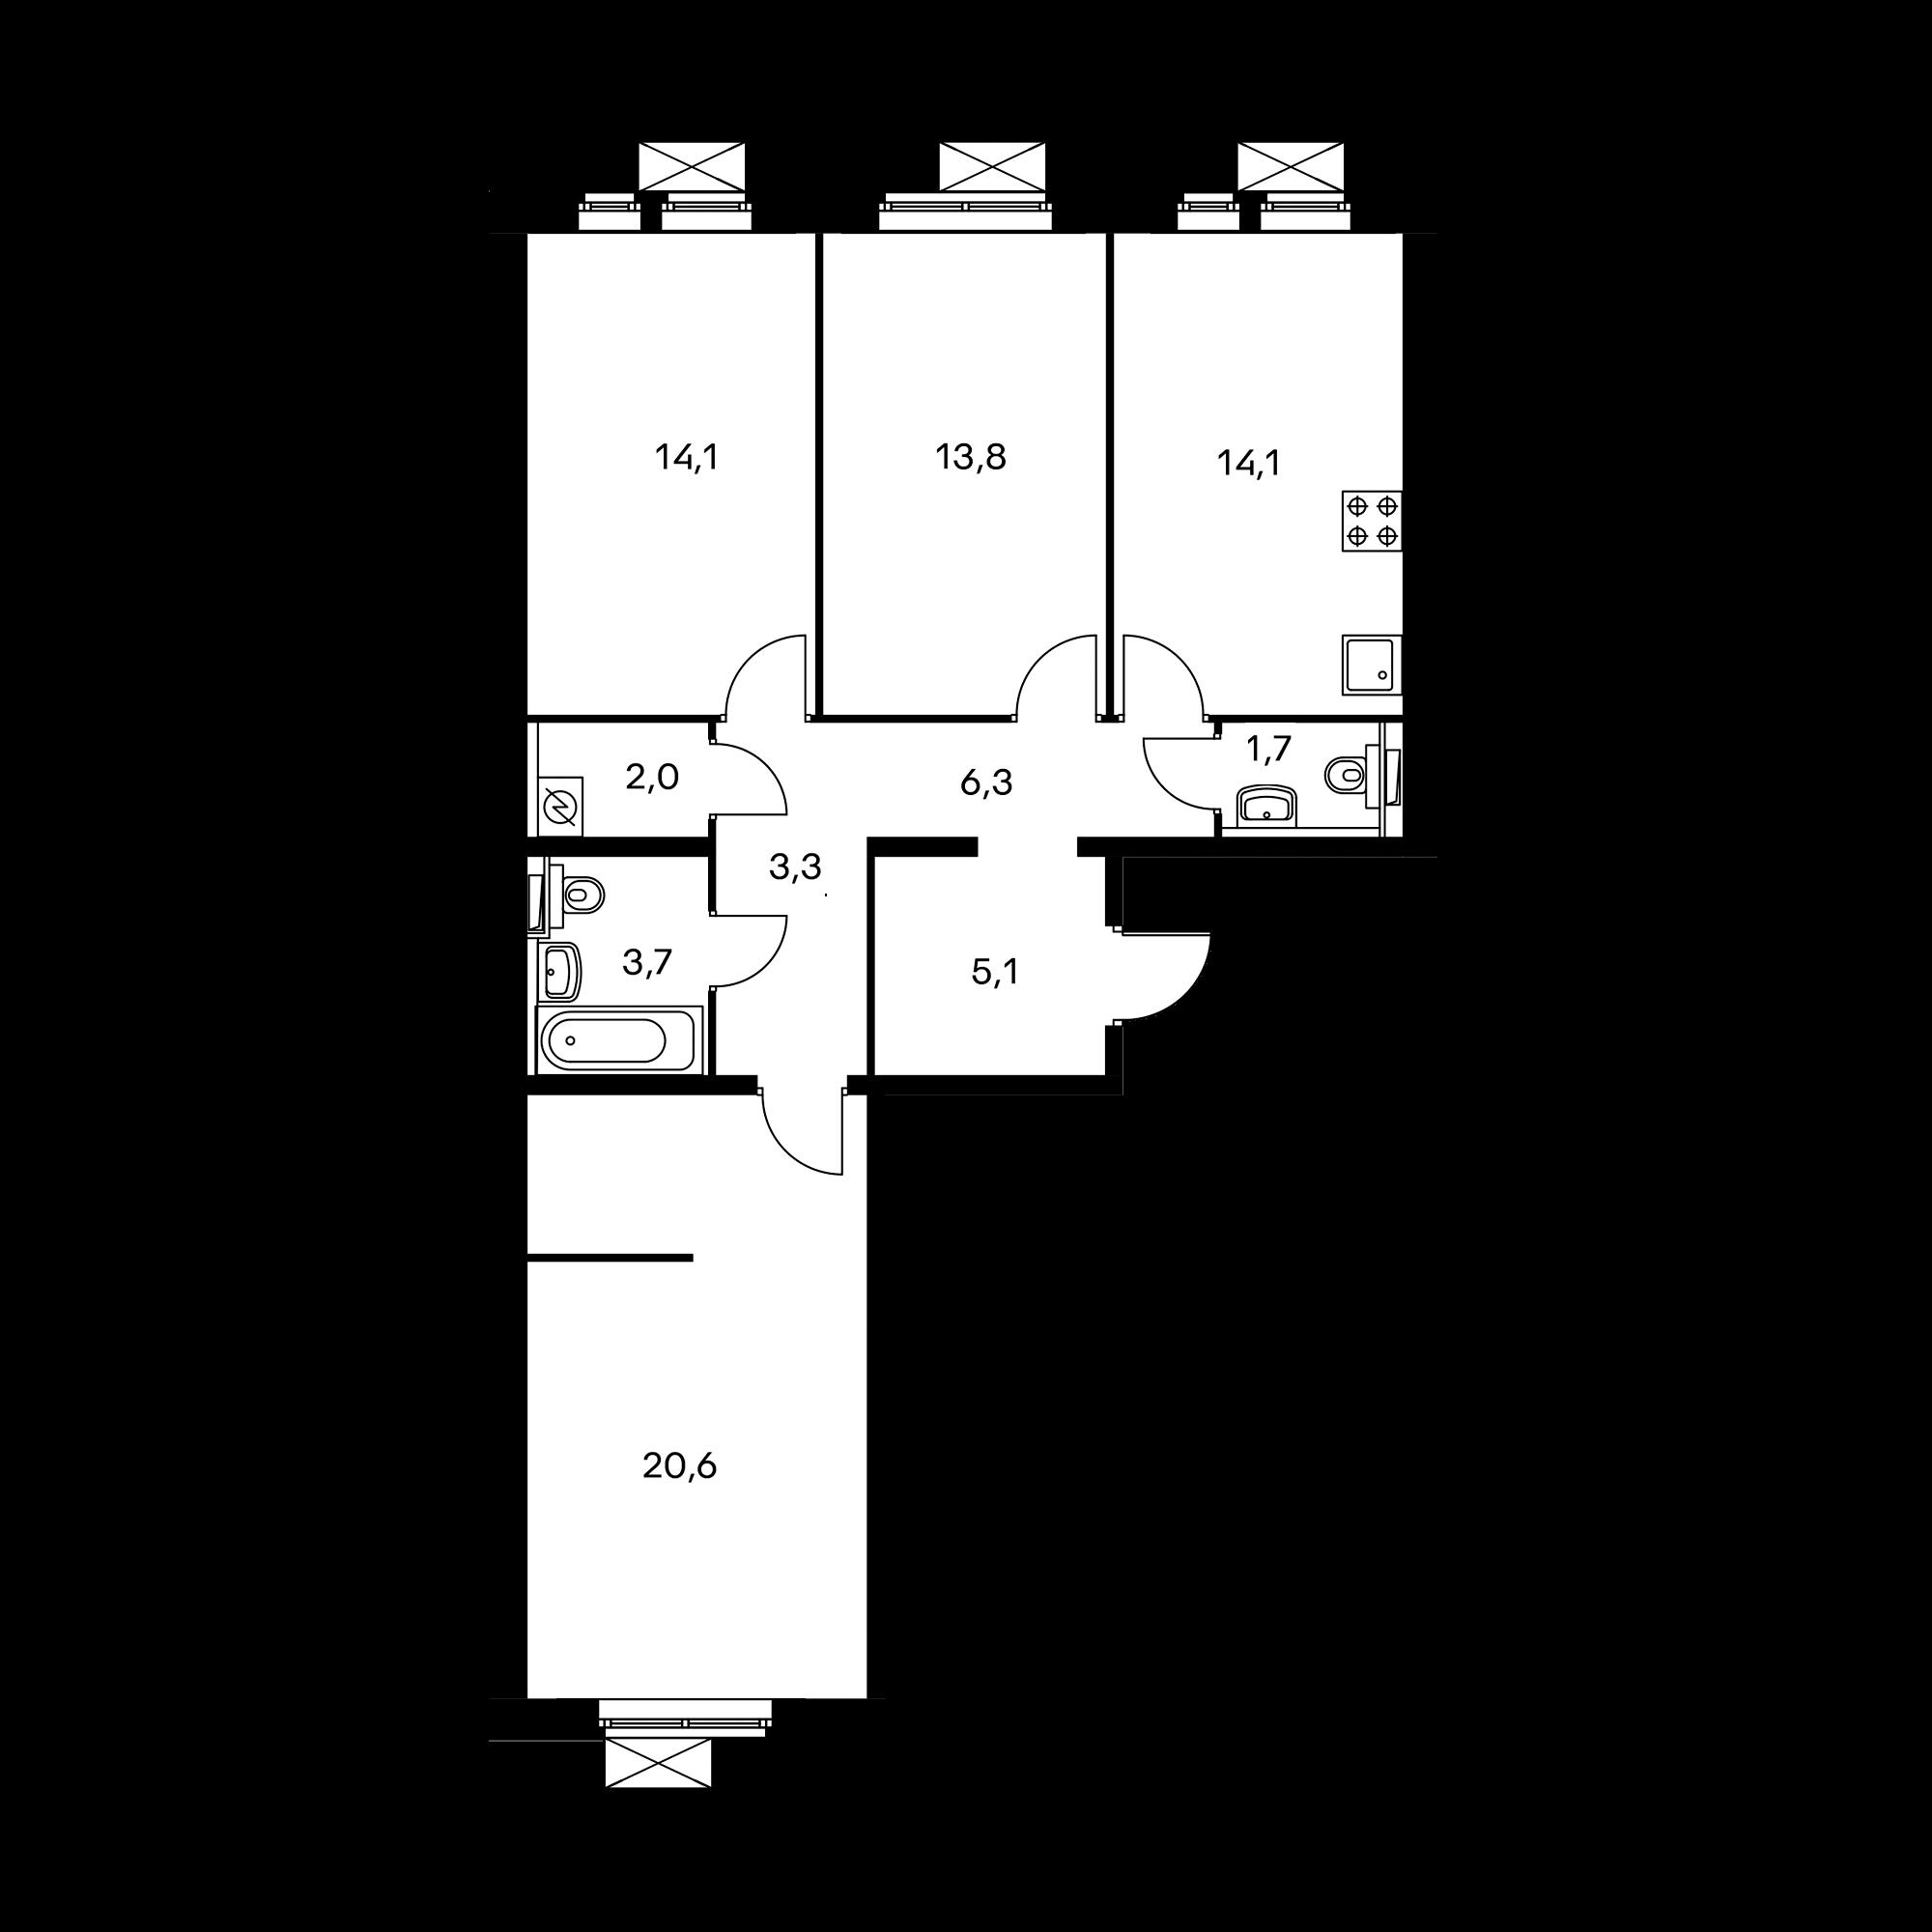 3KL13_9.0-1_T_A1